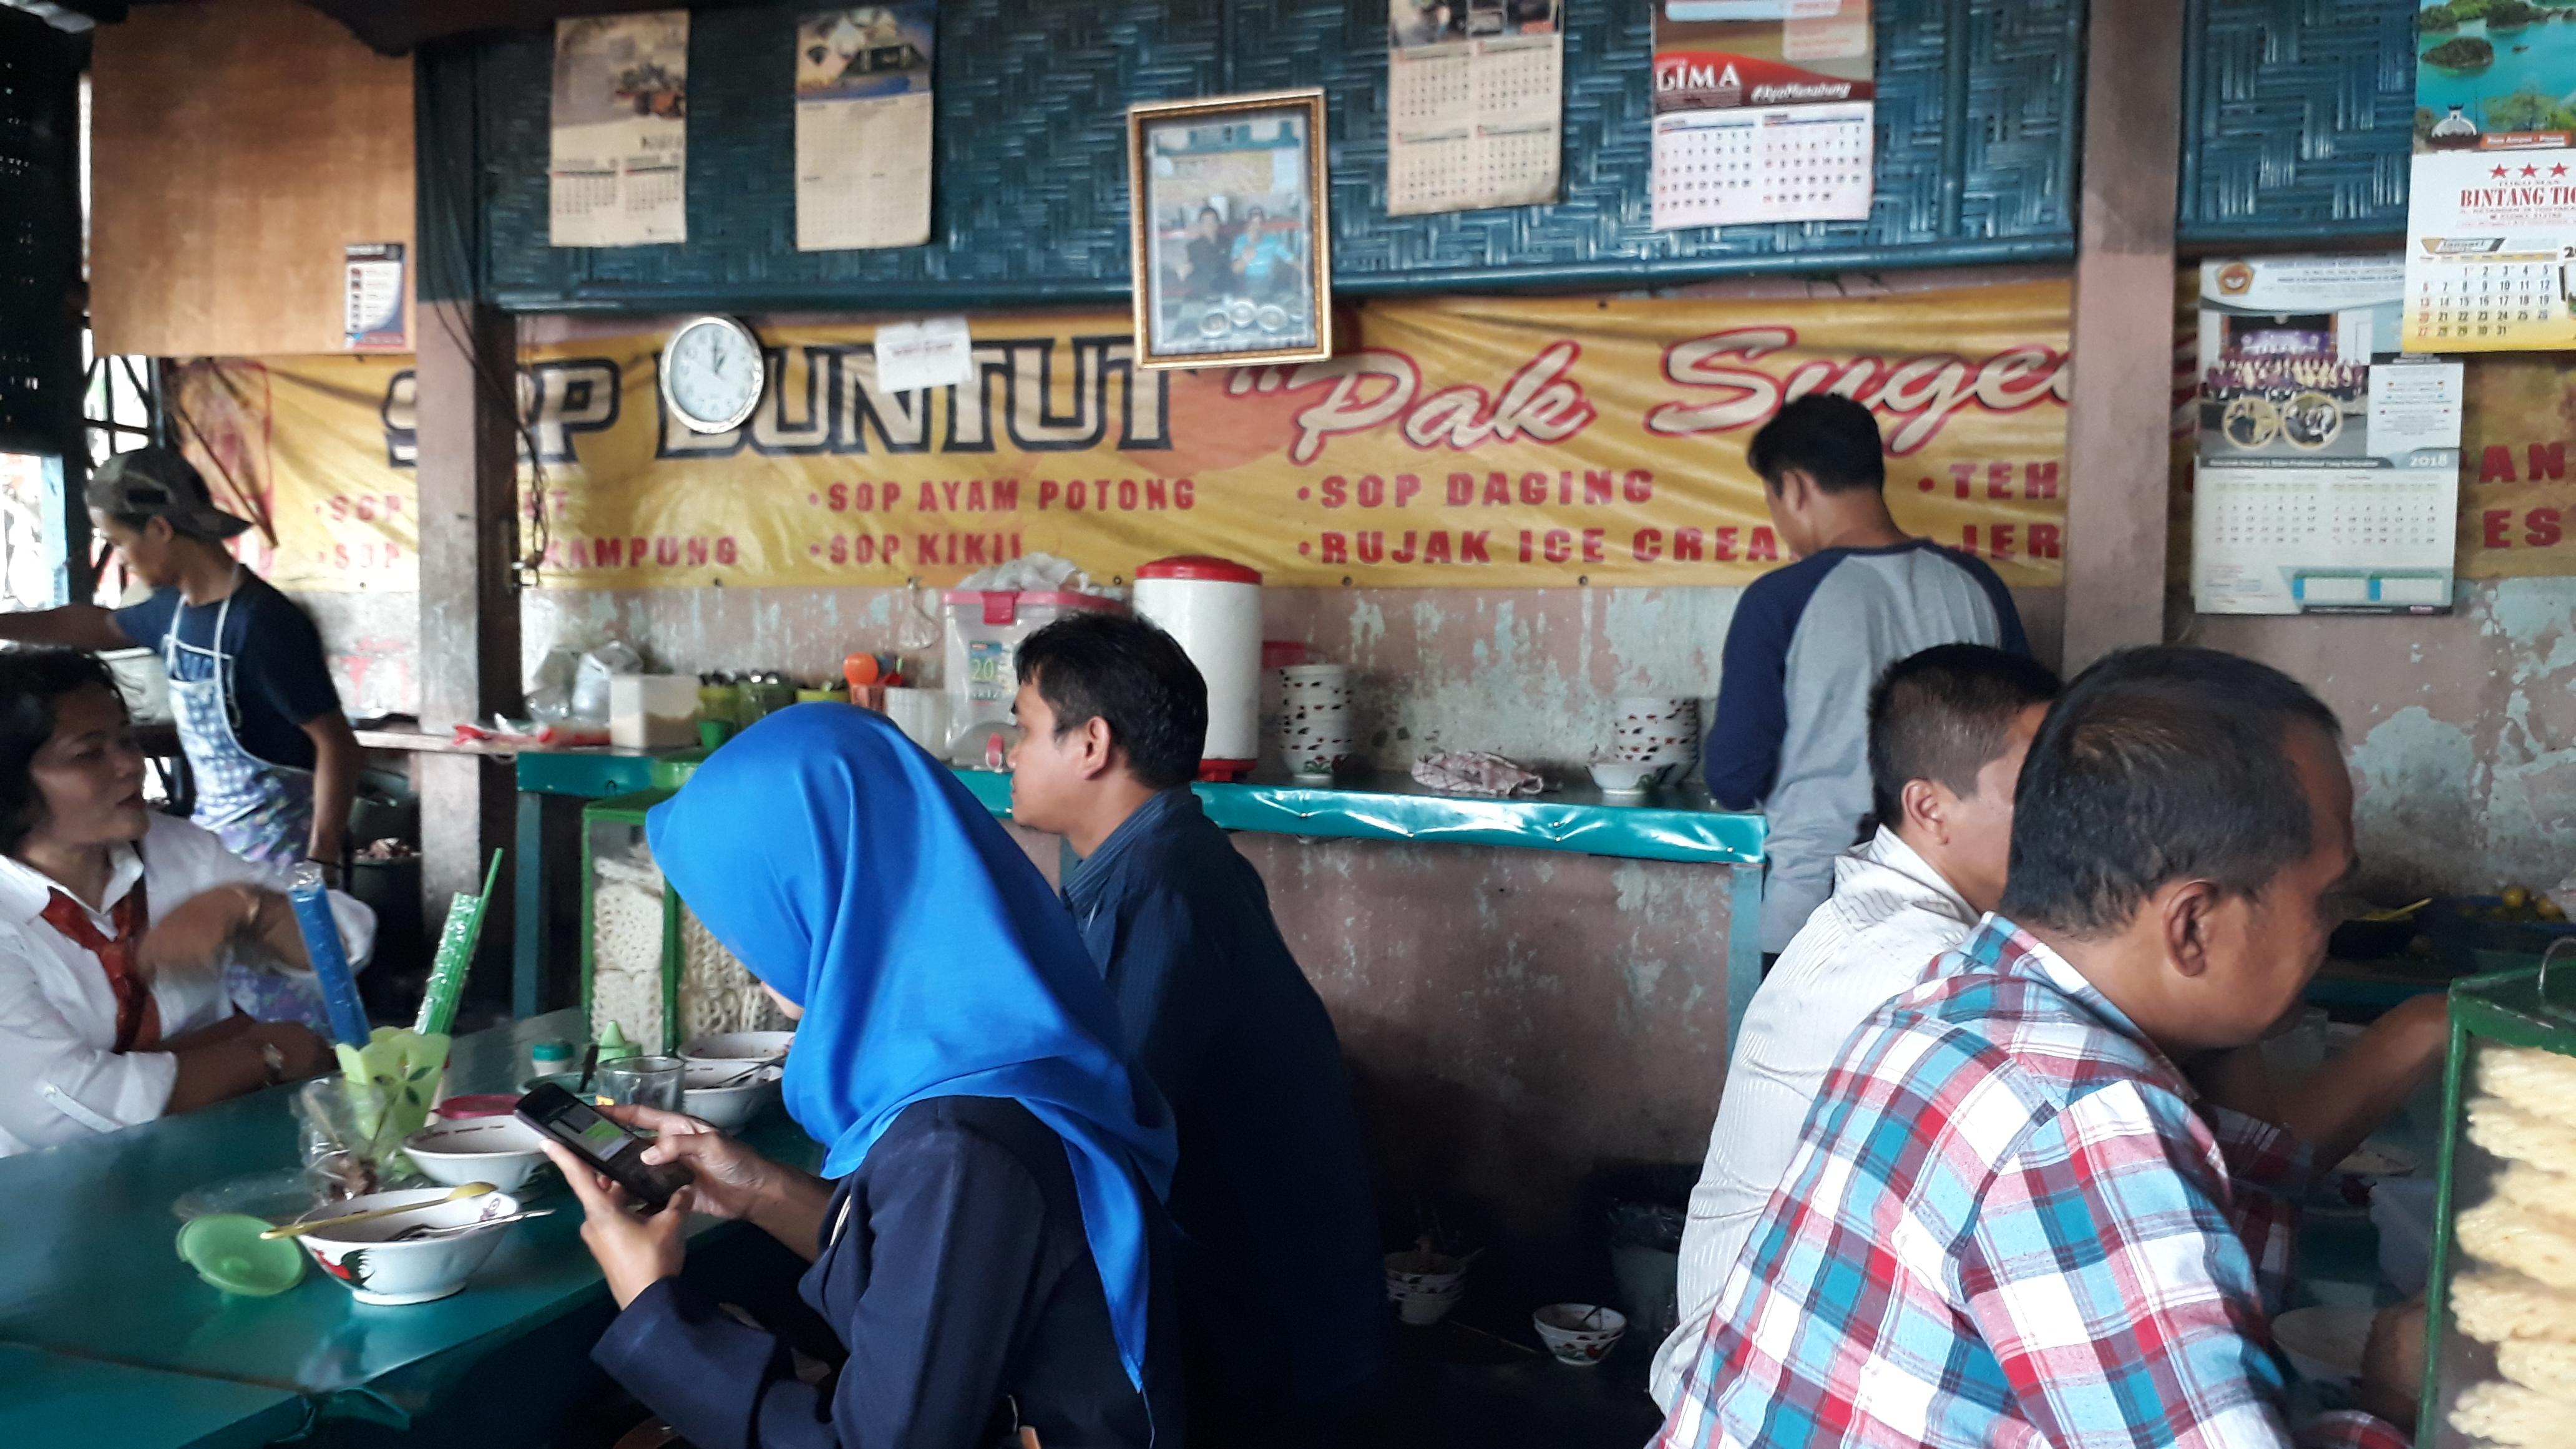 Sop Buntut Pak Sugeng HOS Cokroaminoto Yogyakarta Patut Anda Coba